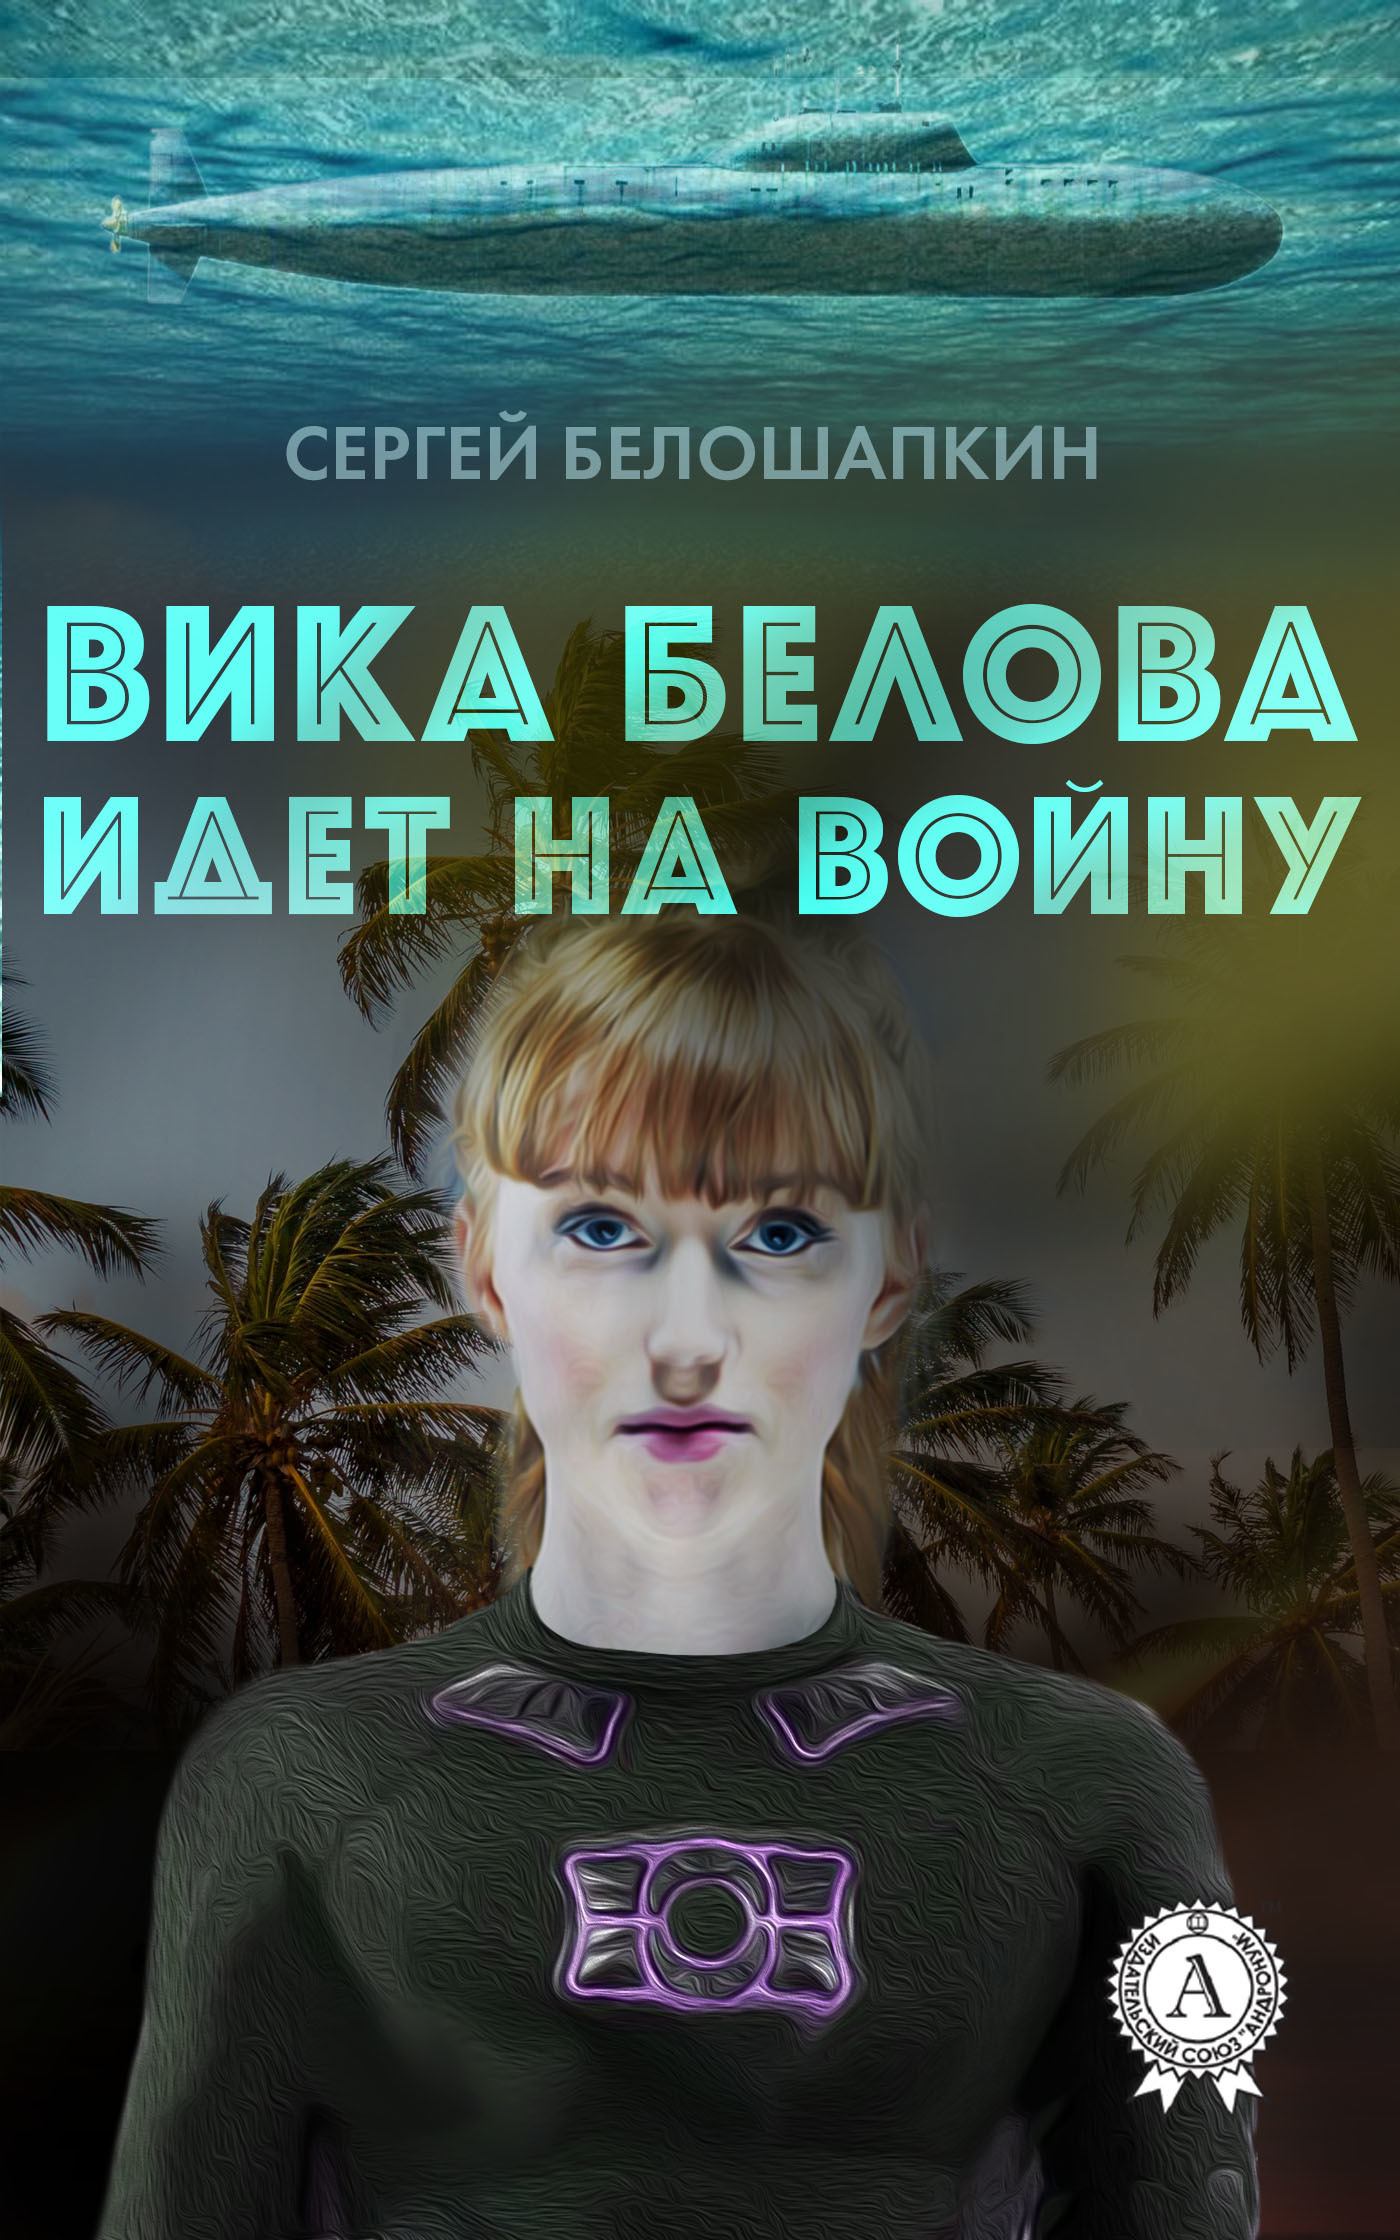 Сергей Белошапкин Вика Белова идет на войну сергей белошапкин вика белова спасает мир